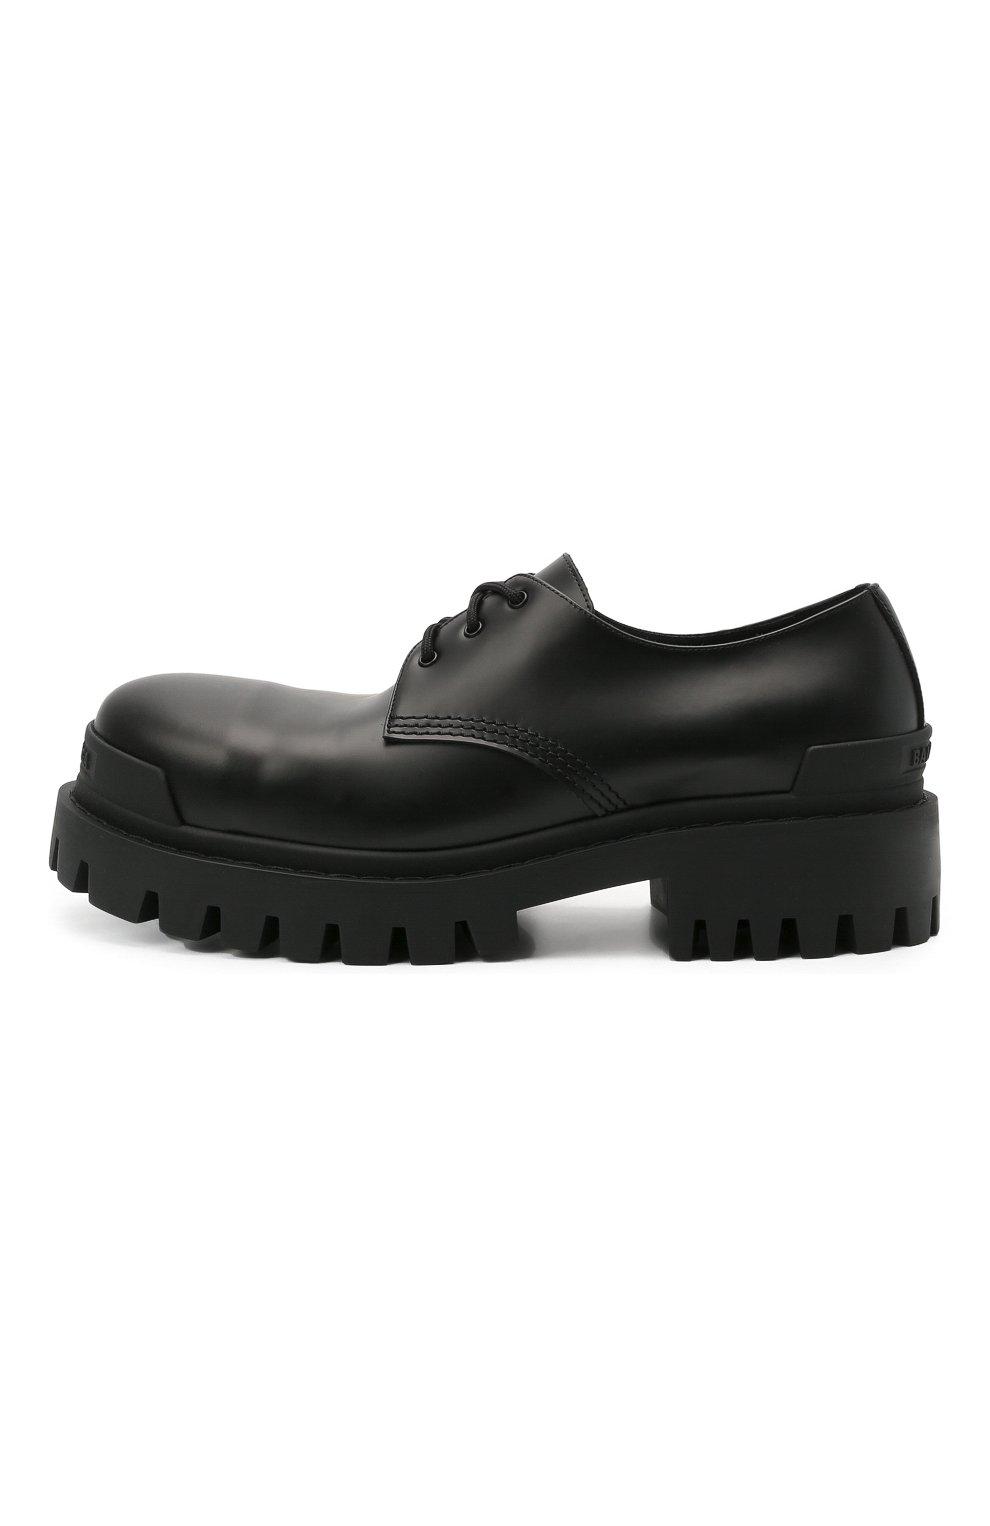 Мужские кожаные ботинки strike BALENCIAGA черного цвета, арт. 600600/WA960 | Фото 3 (Каблук высота: Высокий; Мужское Кросс-КТ: Ботинки-обувь; Материал внутренний: Натуральная кожа; Подошва: Массивная)